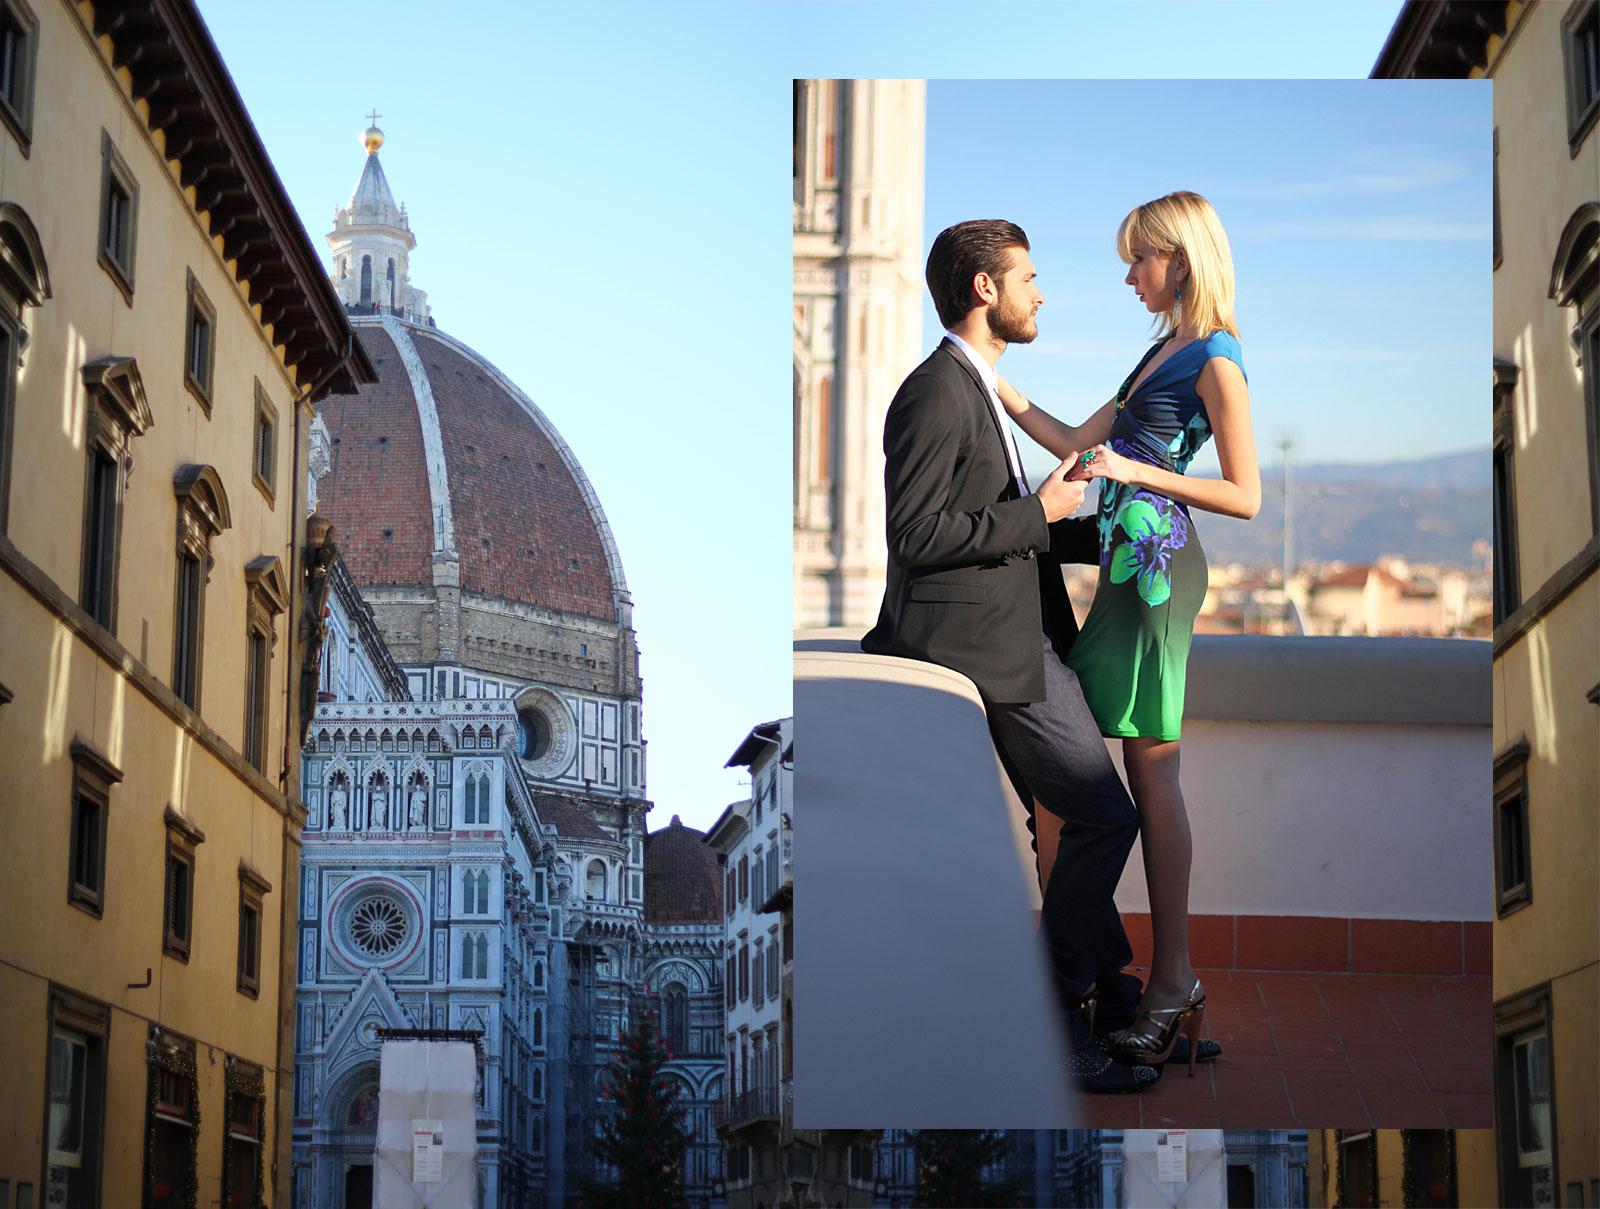 Coupon Luisaviaroma  i migliori sconti per l  alta moda - Siena News 48ed415ff59